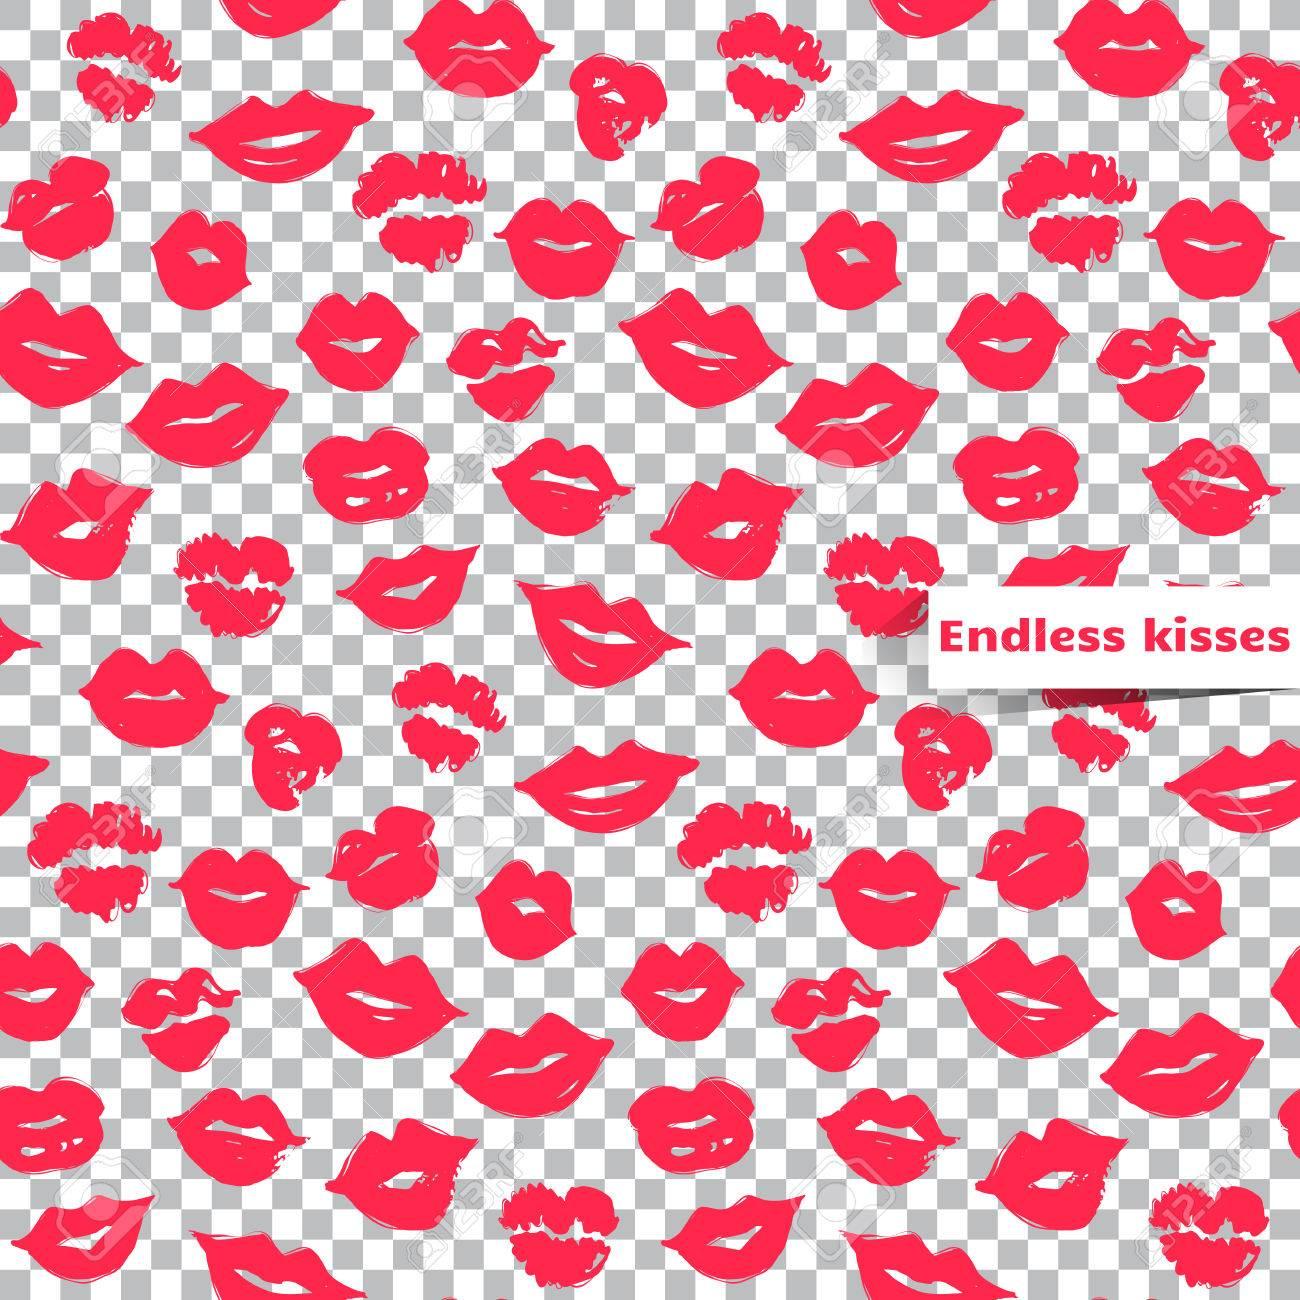 透明な背景にシームレスなパターンをピンクの唇 ベクター女性の唇 カラフルなイラストは 創造的な背景 ファッションのスタイリッシュな壁紙 流行のスタイルの流行と魅力のデザイン 明るく印刷を繰り返しのイラスト素材 ベクタ Image 7353